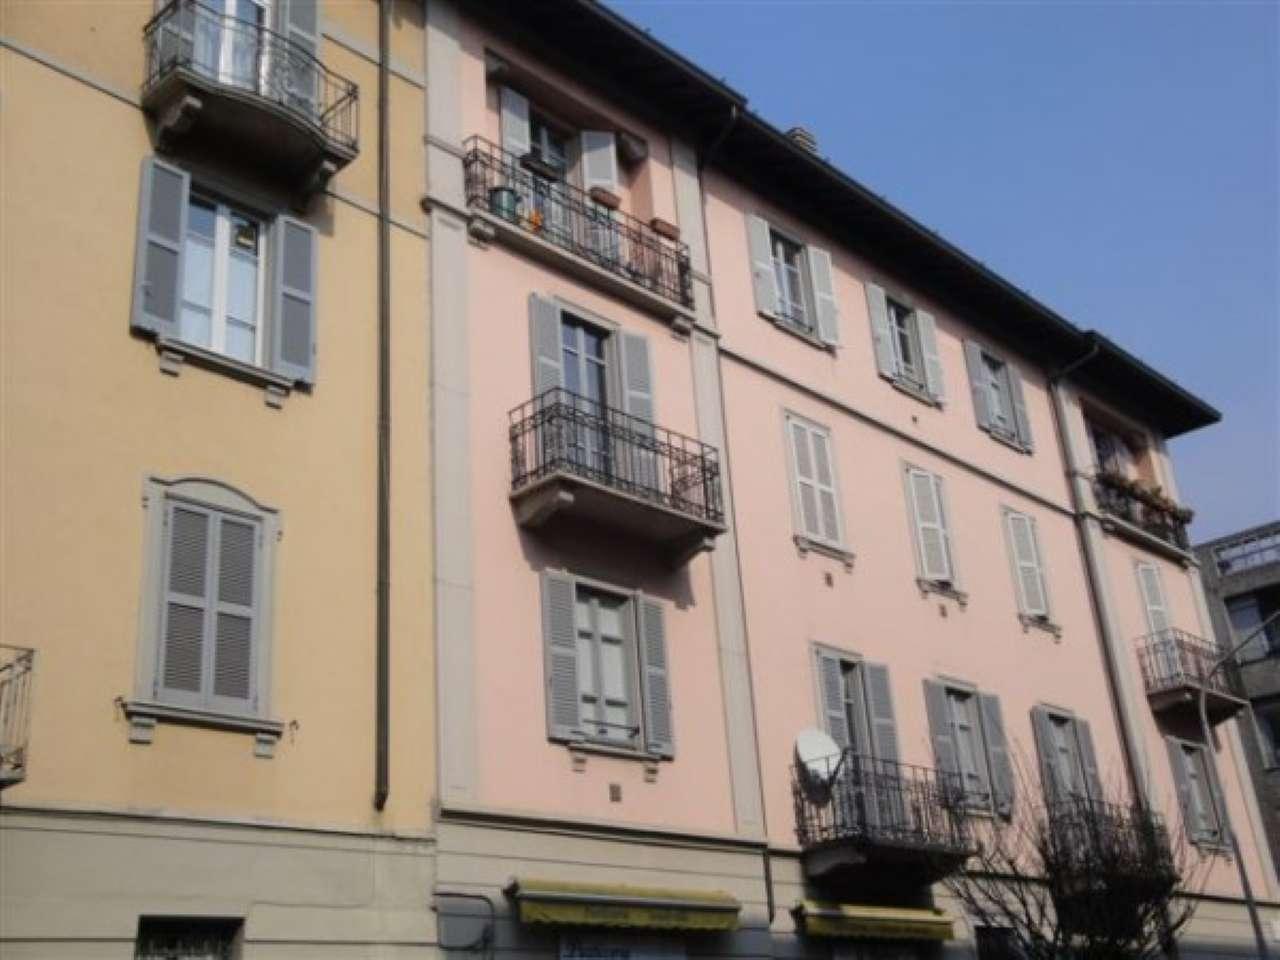 Appartamento in vendita a Como, 4 locali, zona Zona: 5 . Borghi, prezzo € 460.000 | Cambio Casa.it